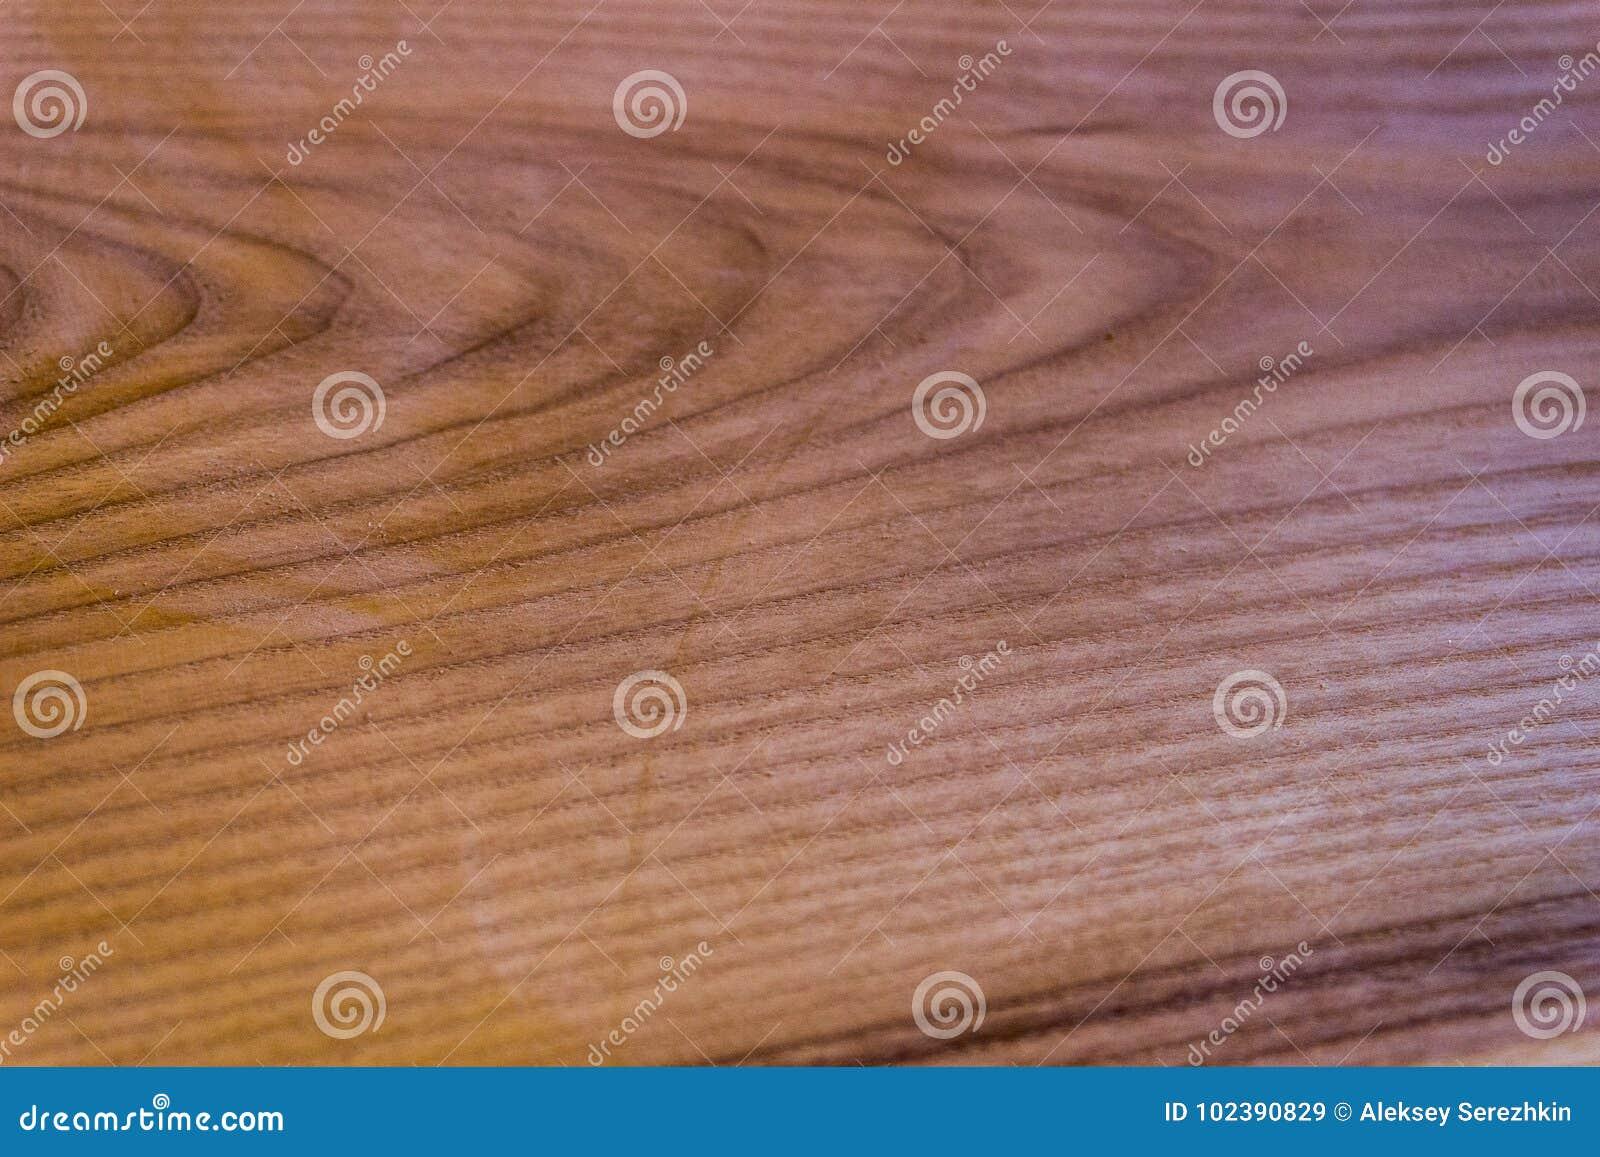 橡树的纹理,背景